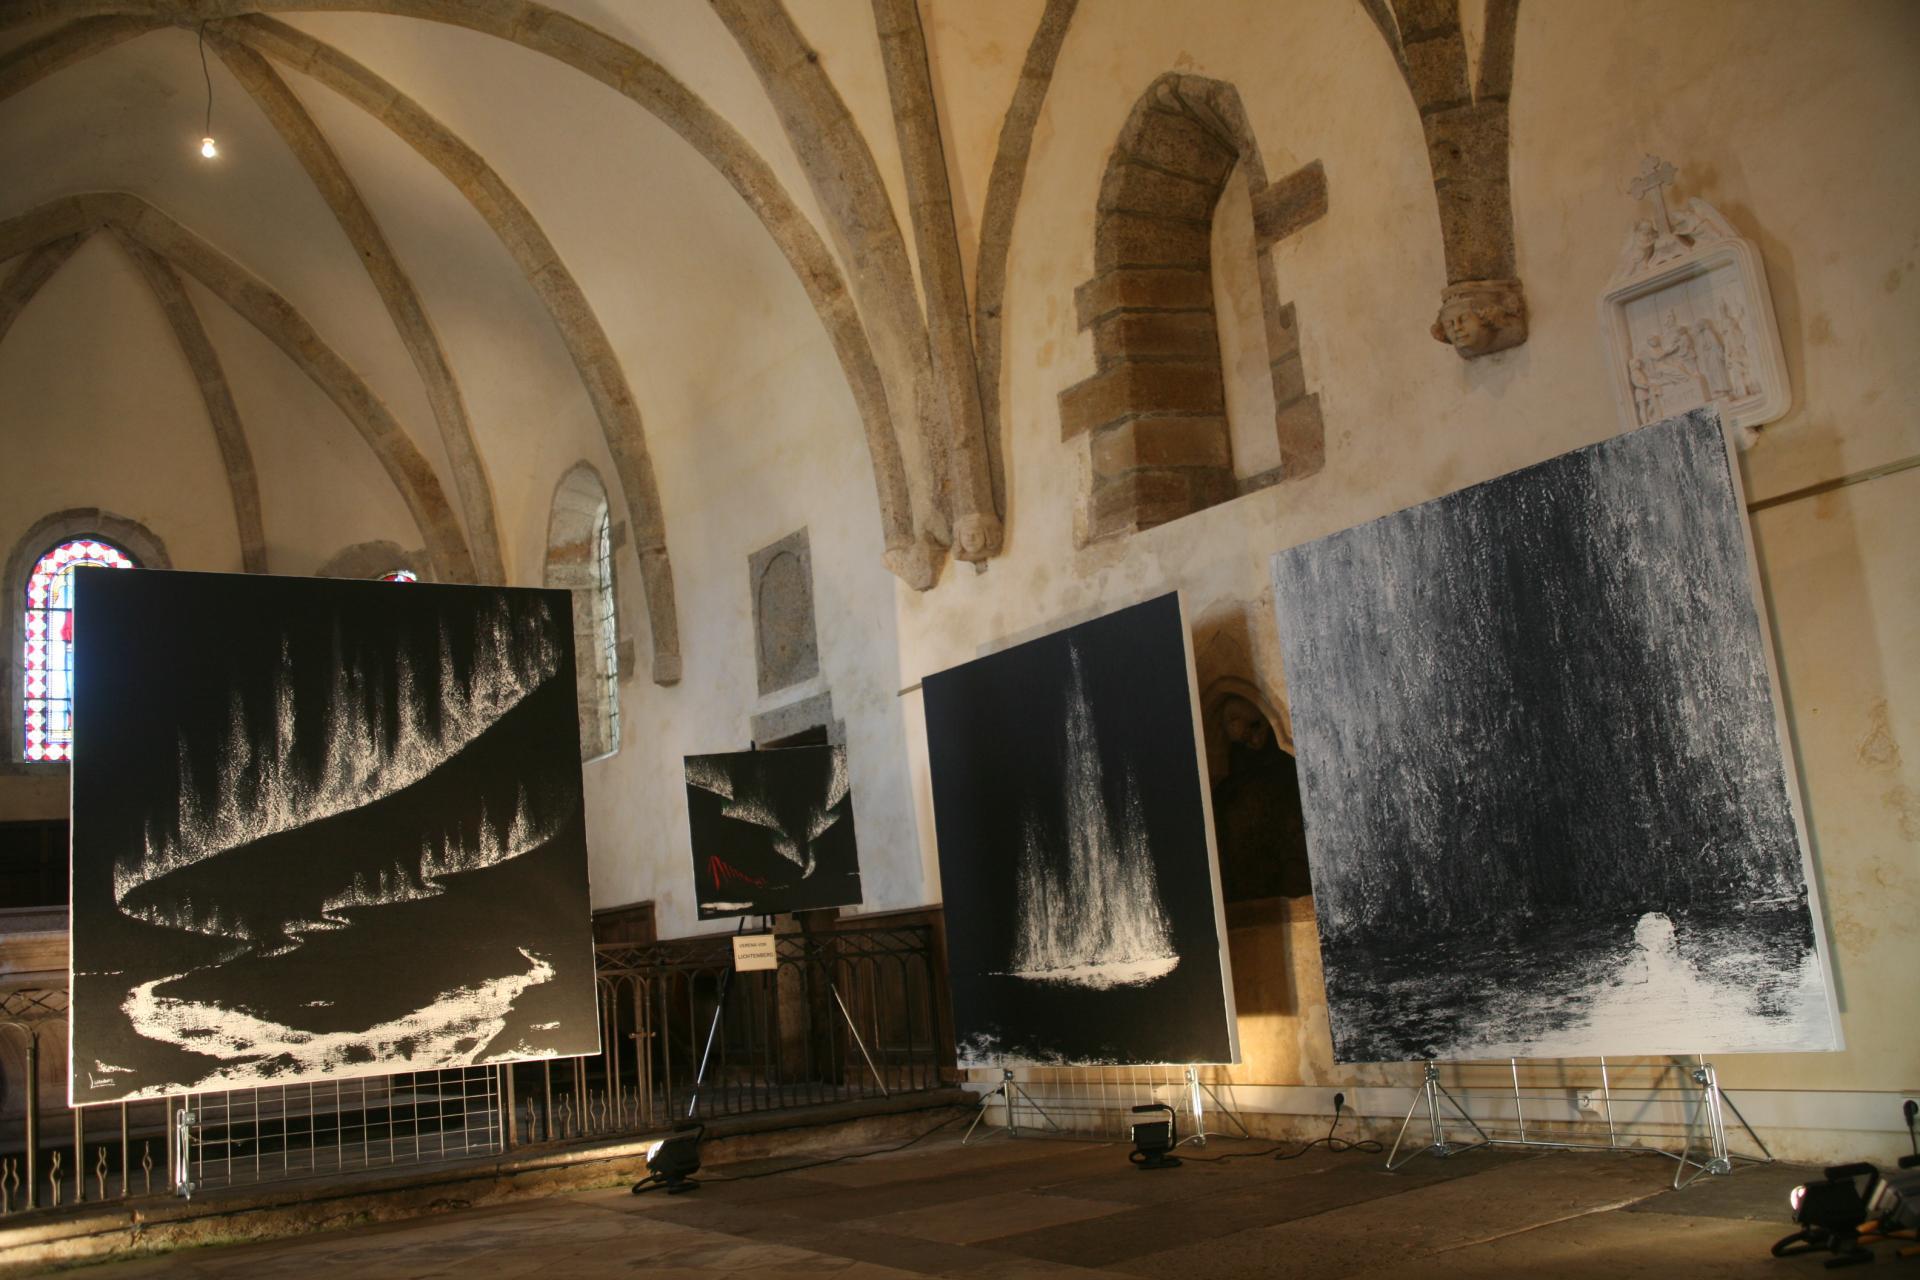 In der kunsthalle in saulieu die malerin und kunstlerin verena von lichtenberg mit ihren bildern bei anne catherine loisier senateur maire